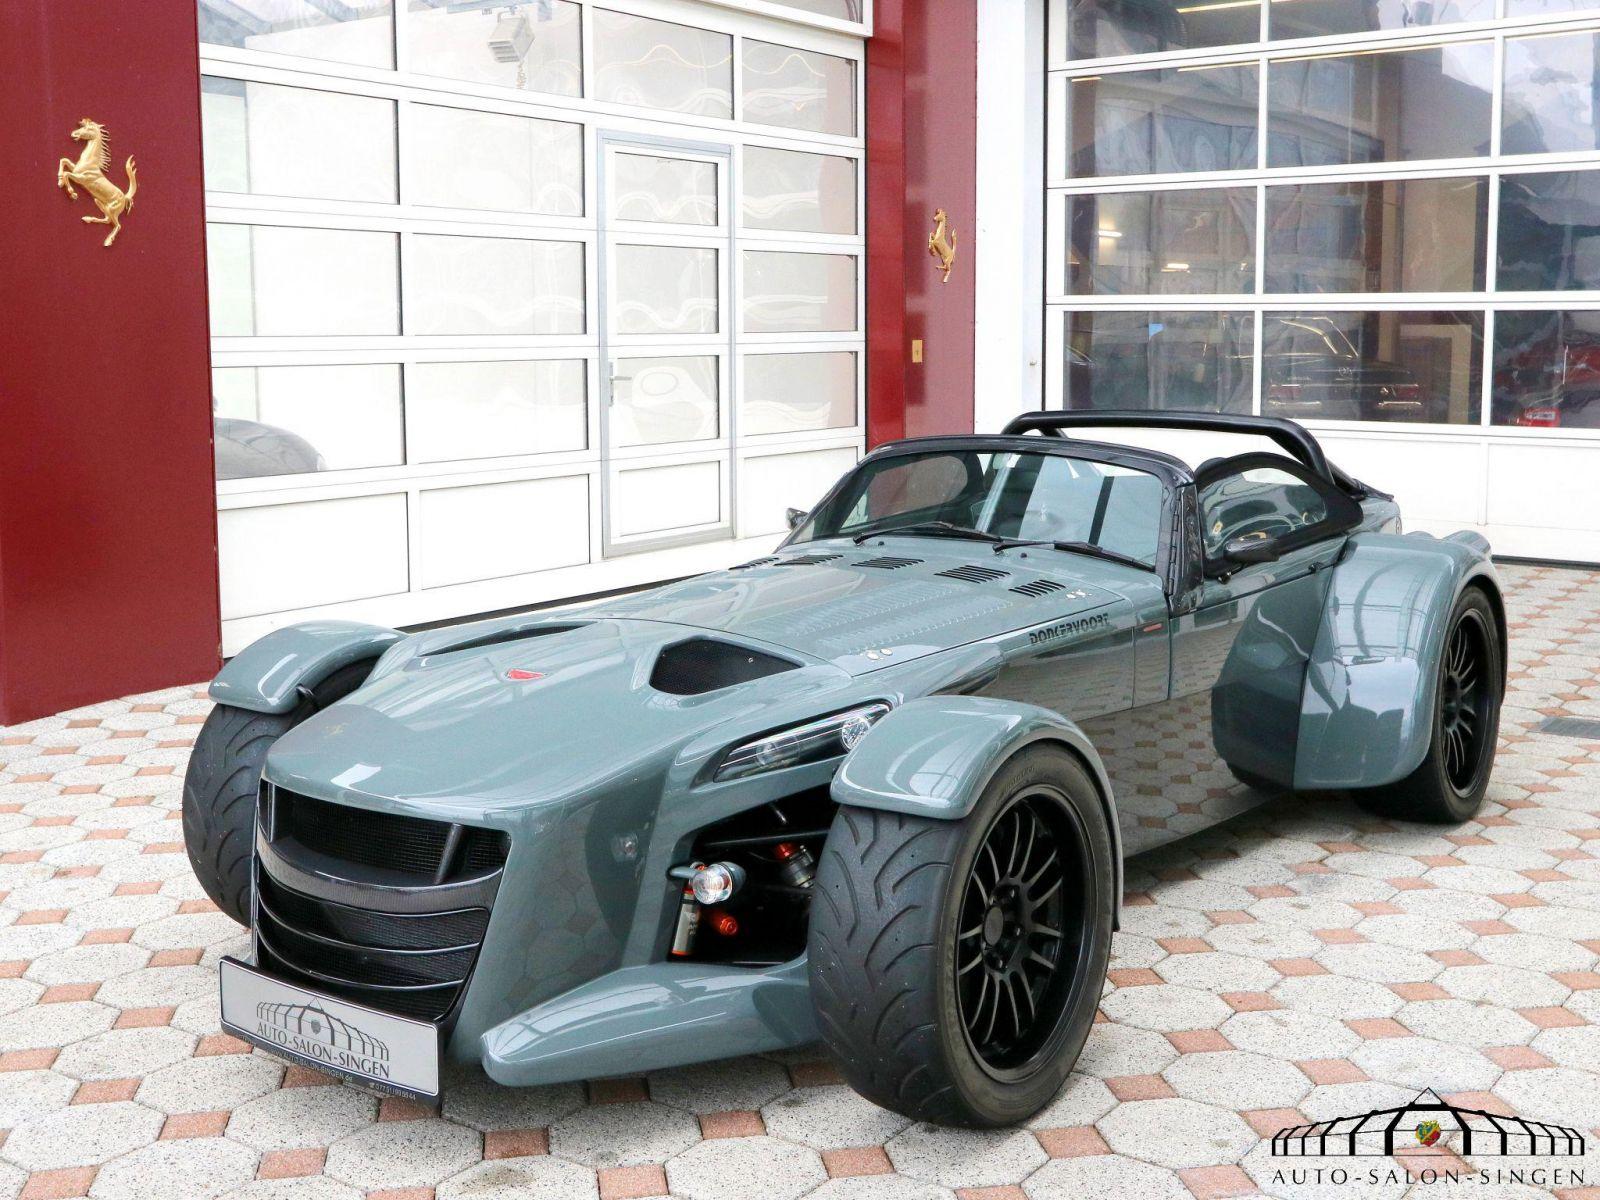 Donkervoort D8 GTO Roadster - Auto Salon Singen